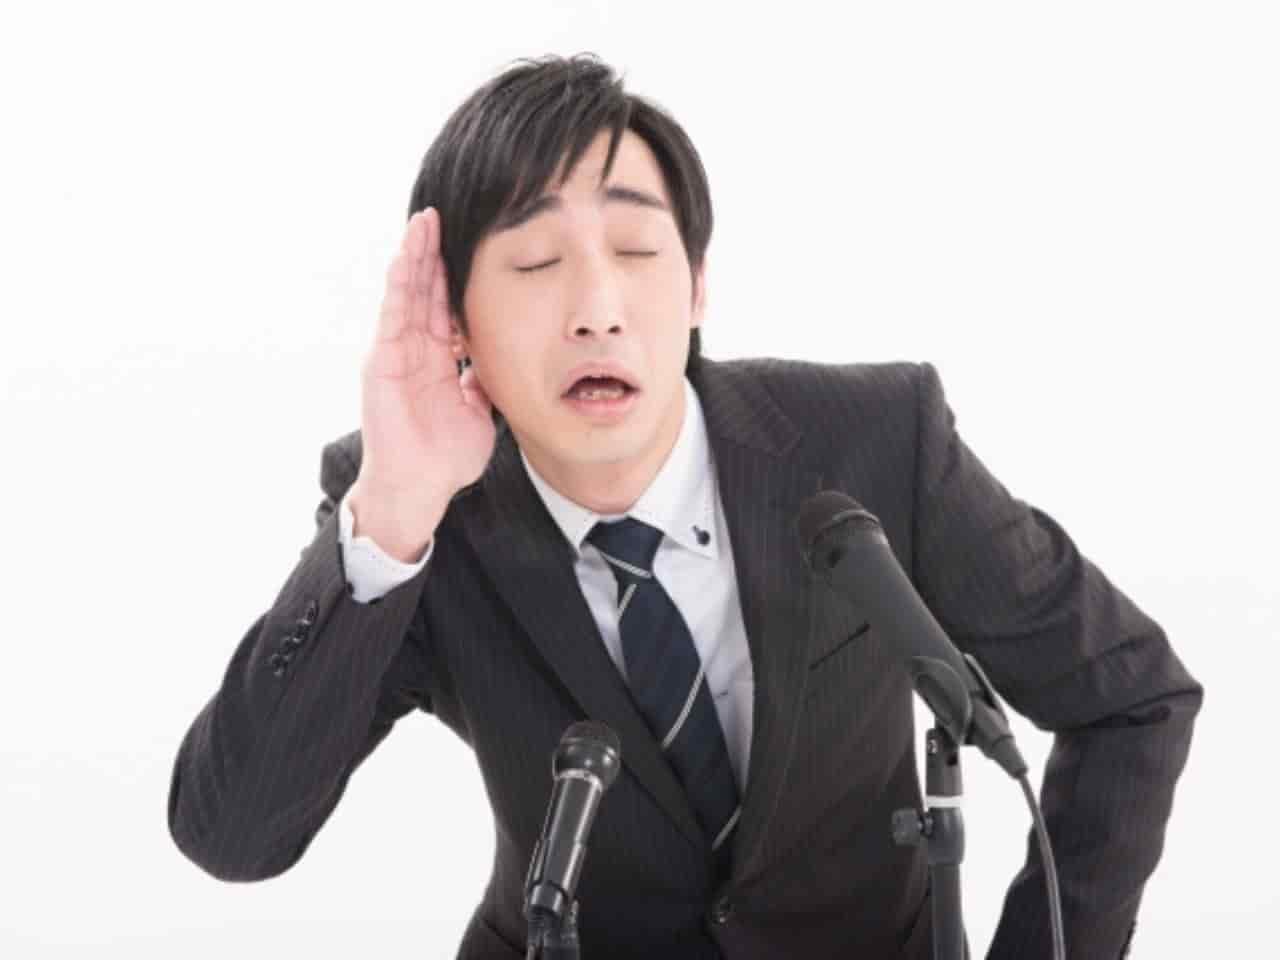 耳に手をあてて聞こえていないふりをする男性